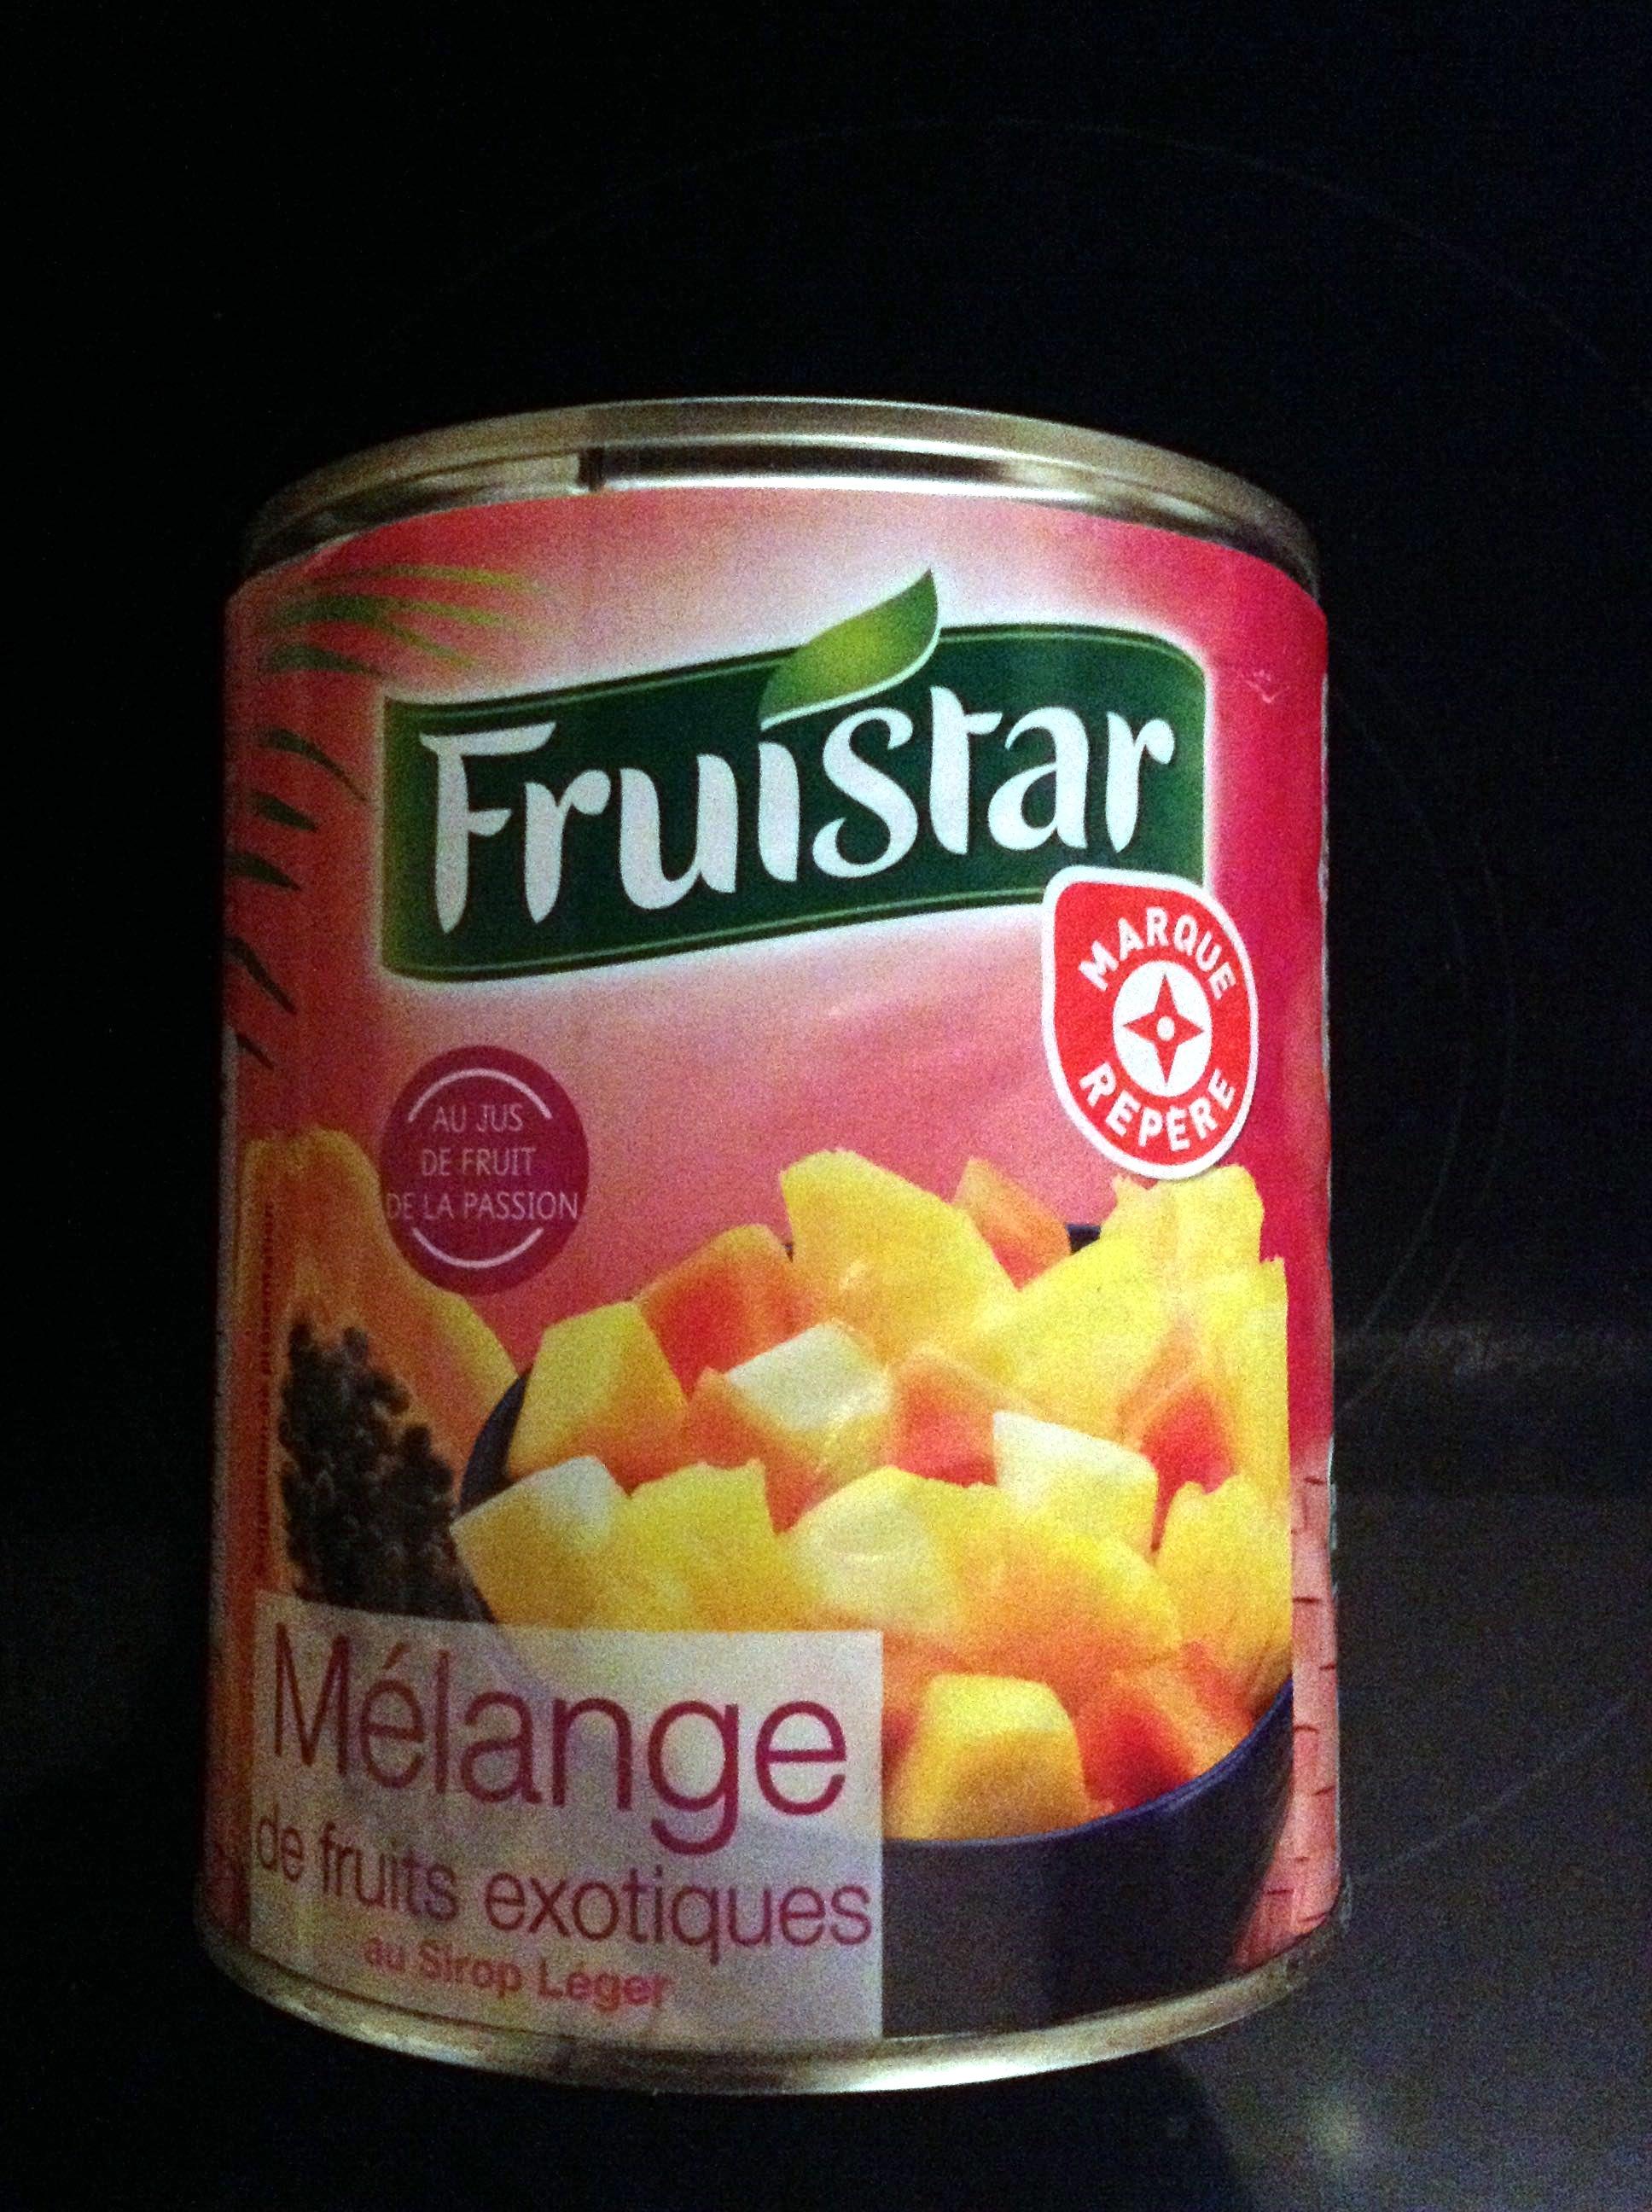 Mélange fruits exotiques - Product